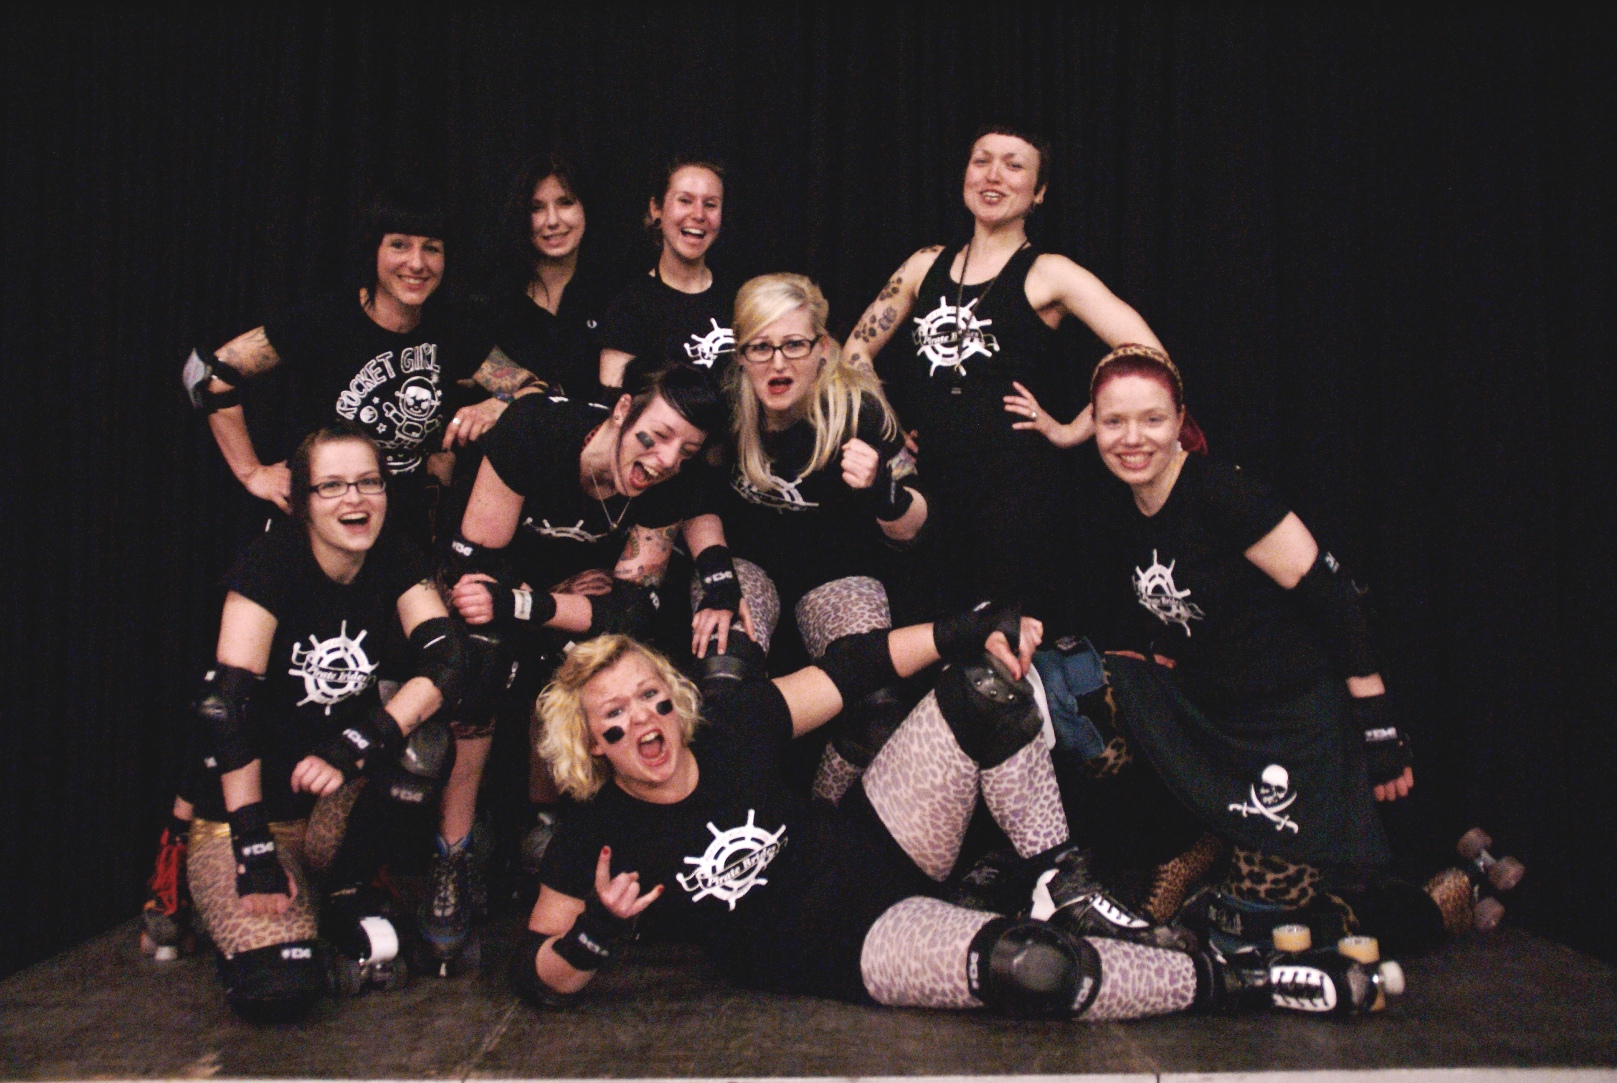 Lena war gestern, den Roller Derby Girls gehört die Zukunft. Für die geballte Frauenpower auf Rollen stellte Samstagabend (14. Mai 2011) die laszive Sangeselfe samt Grant Prix keine ernsthafte Konkurrenz dar.